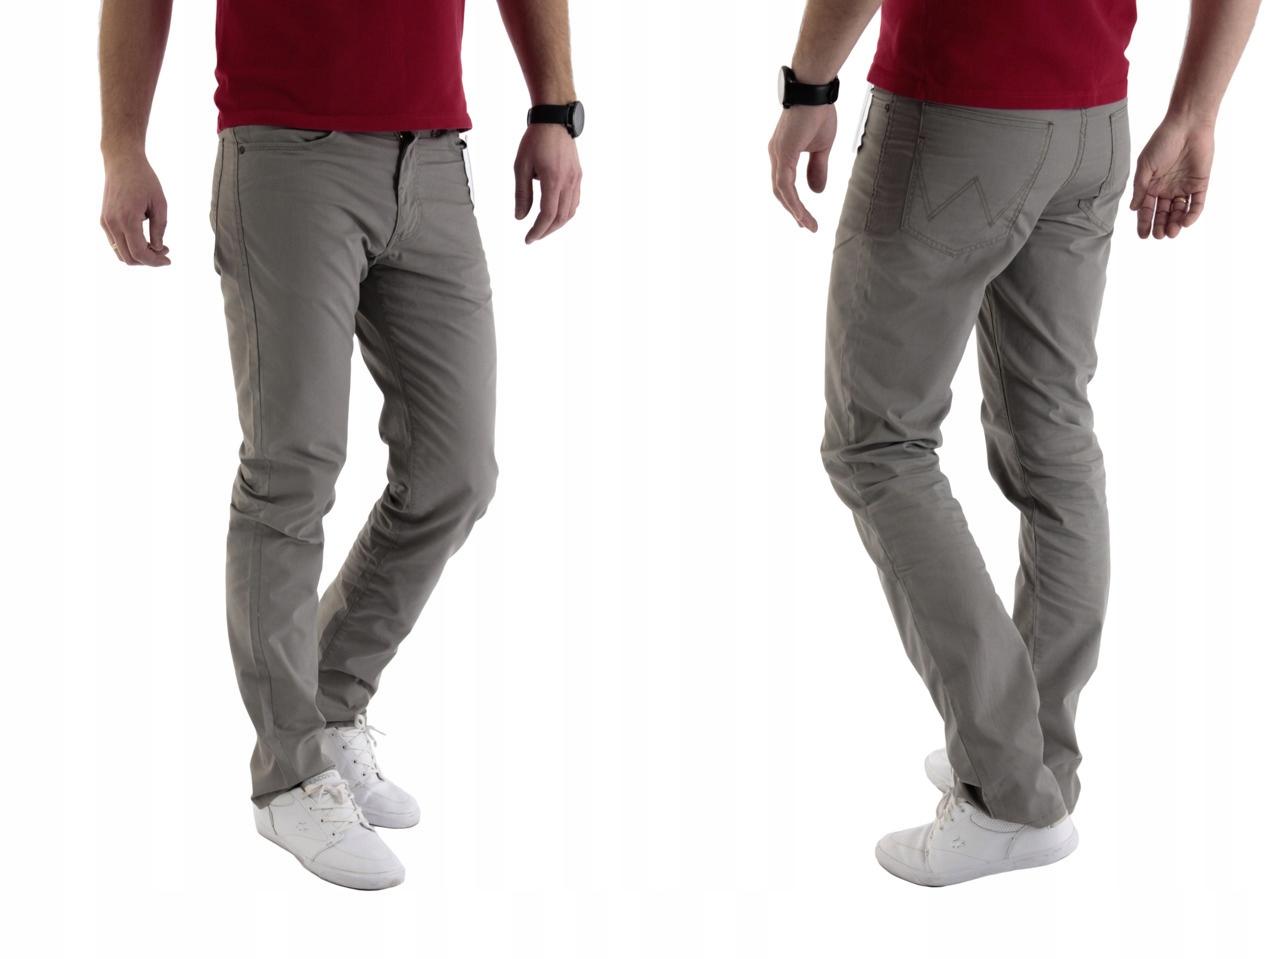 Wrangler Arizona Light Olive spodnie W32 L30